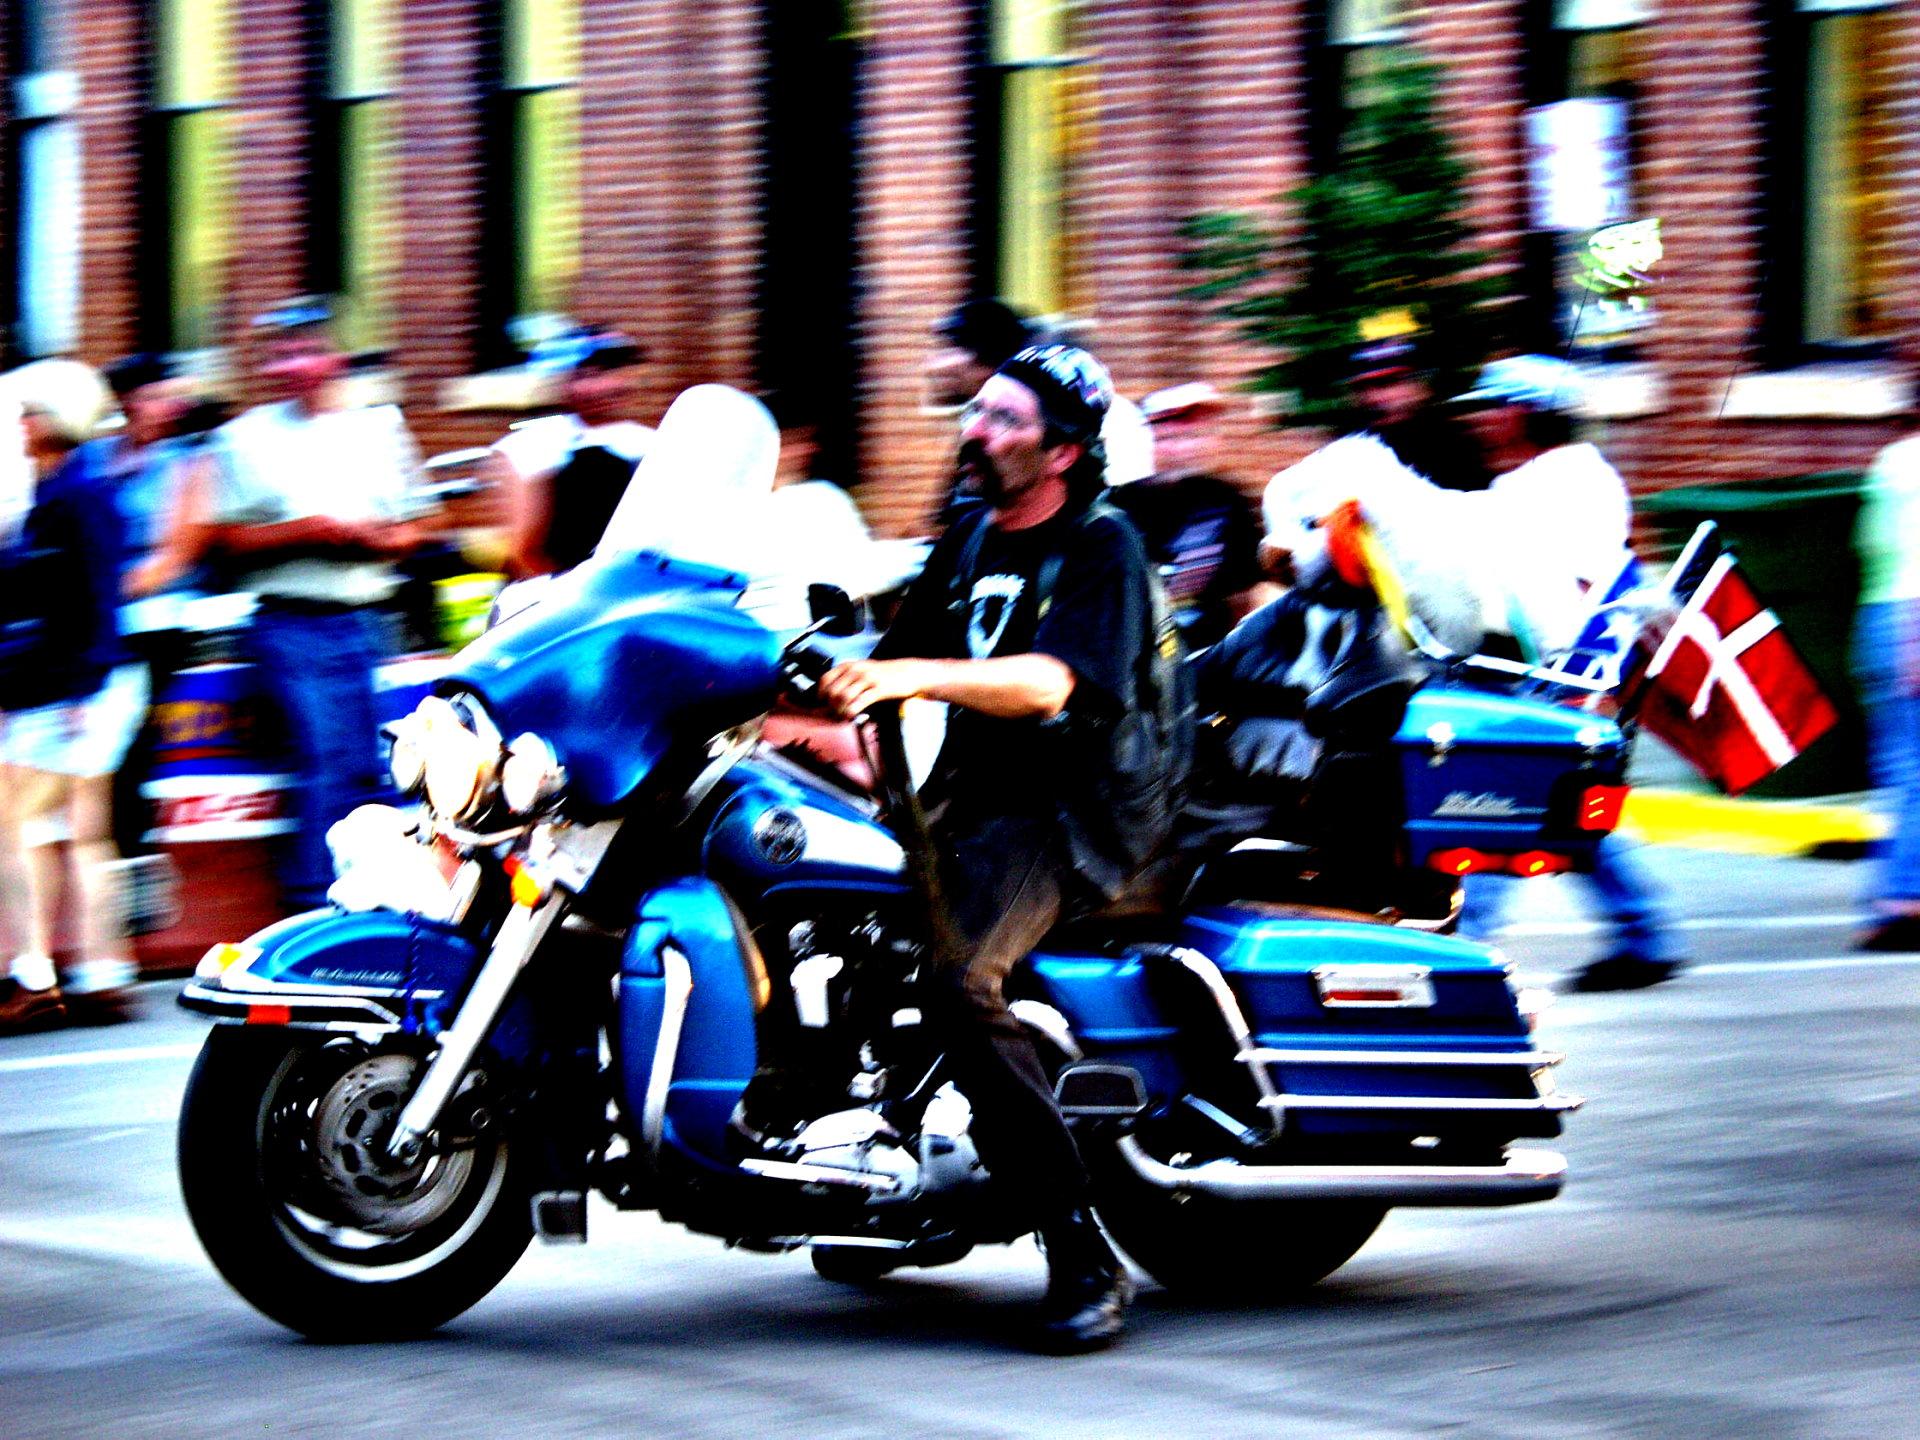 Intense motorcycle